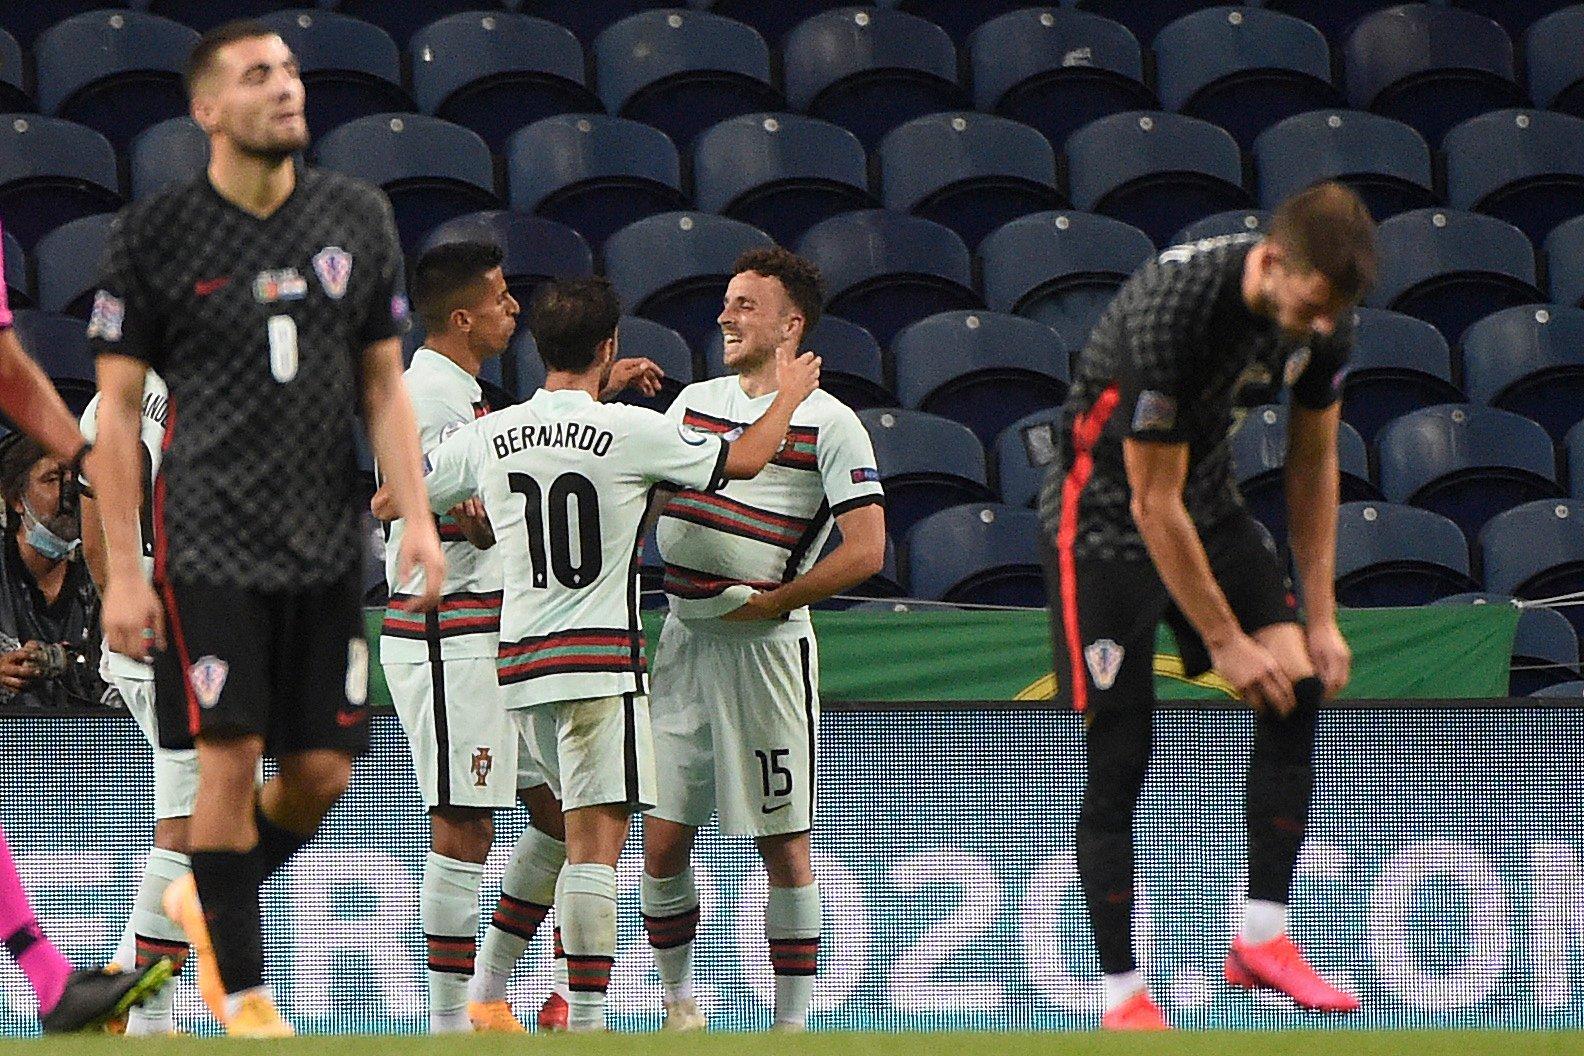 архитектурная часть фото сборной хорватии по футболу вашему вниманию эксклюзивную